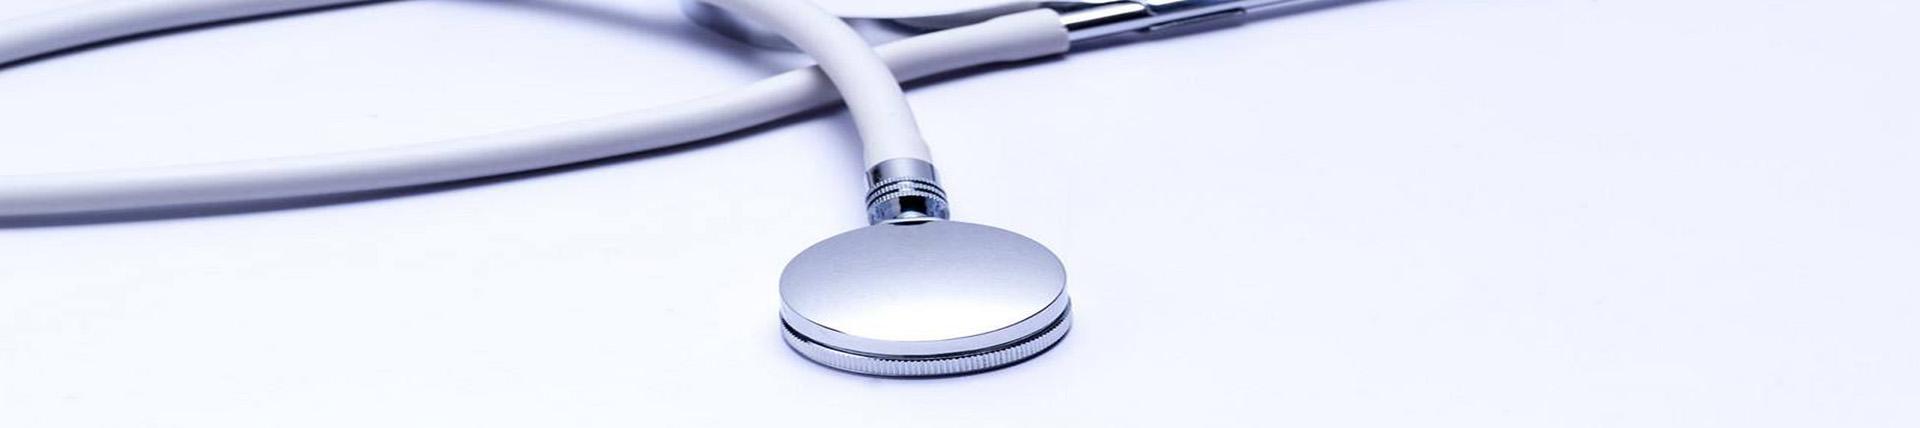 互联网+医疗,终端花费650万升级域名!